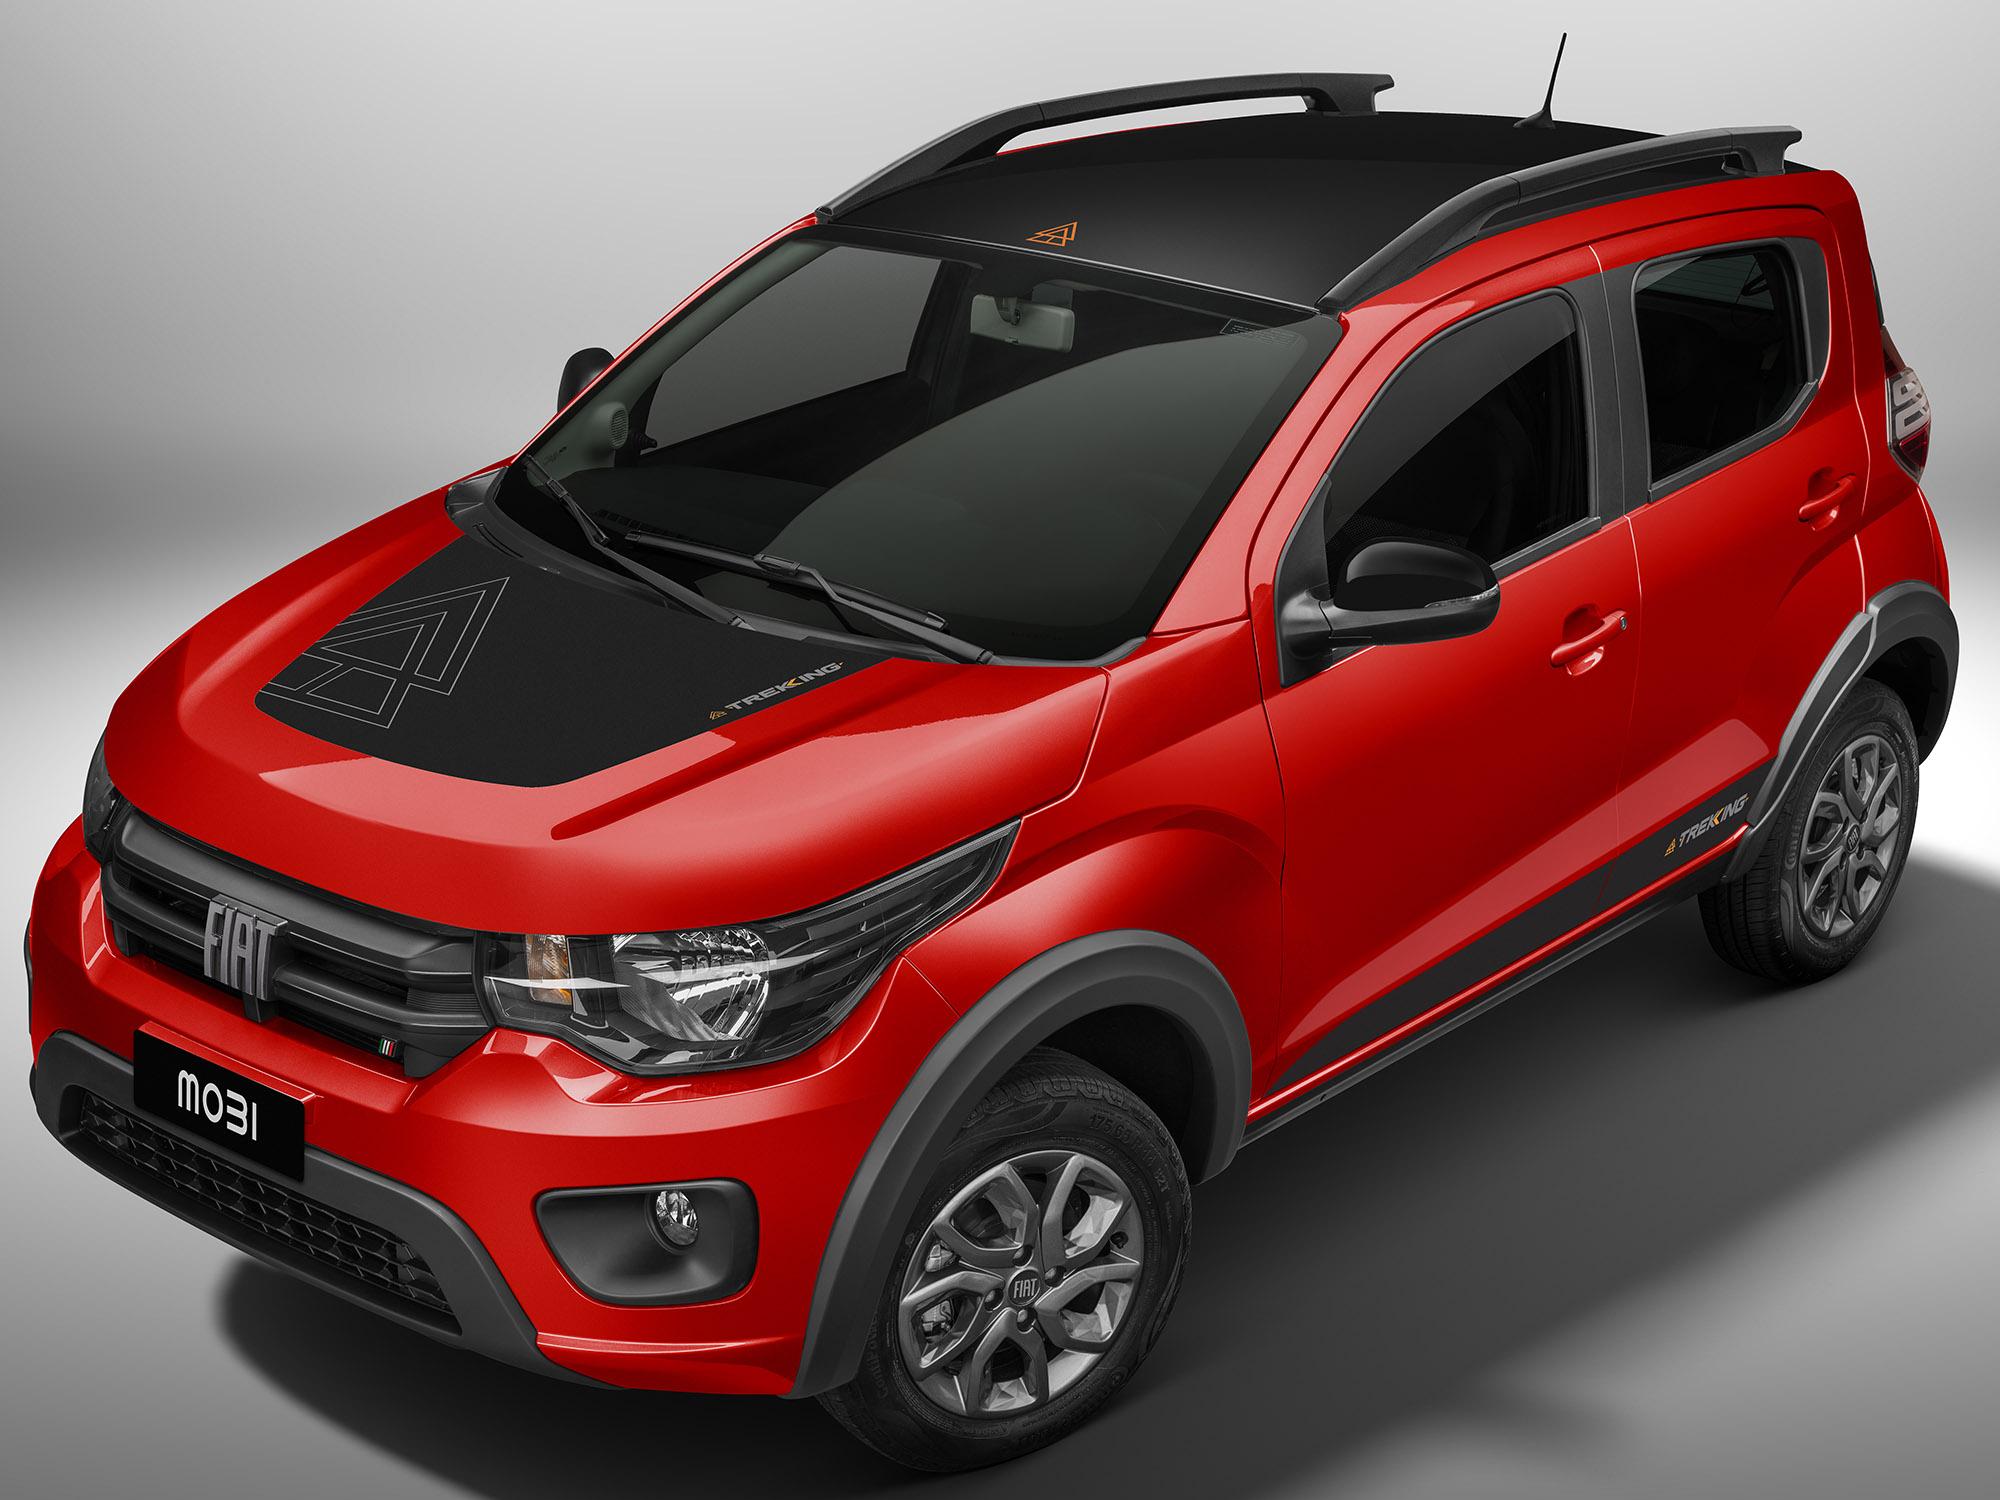 Fiat Mobi Trekking 2022 Frente alta 34